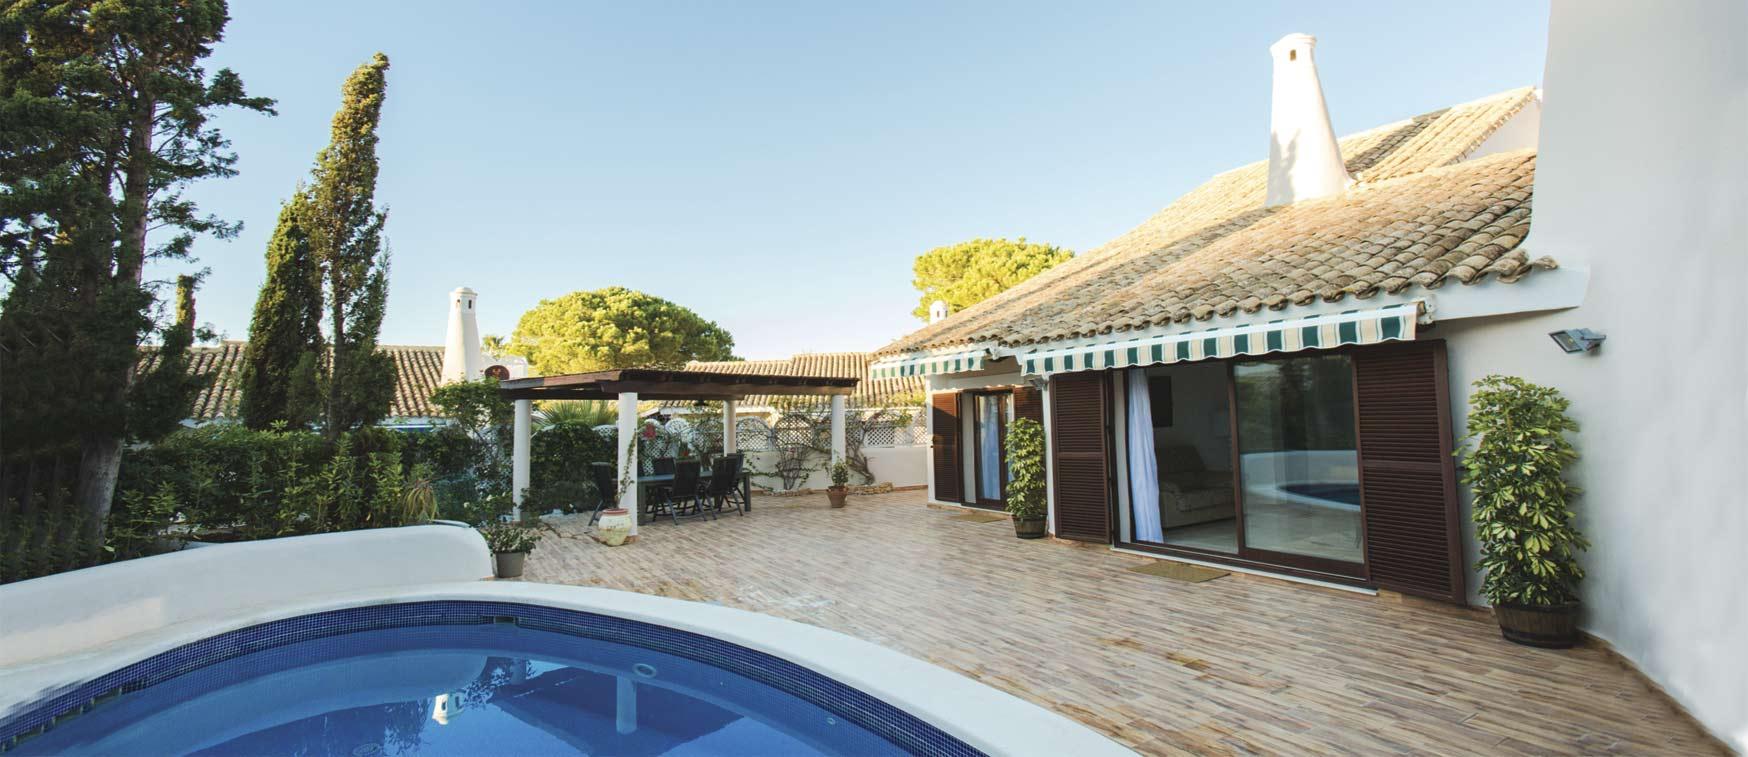 Luxury Private Villa & Pool